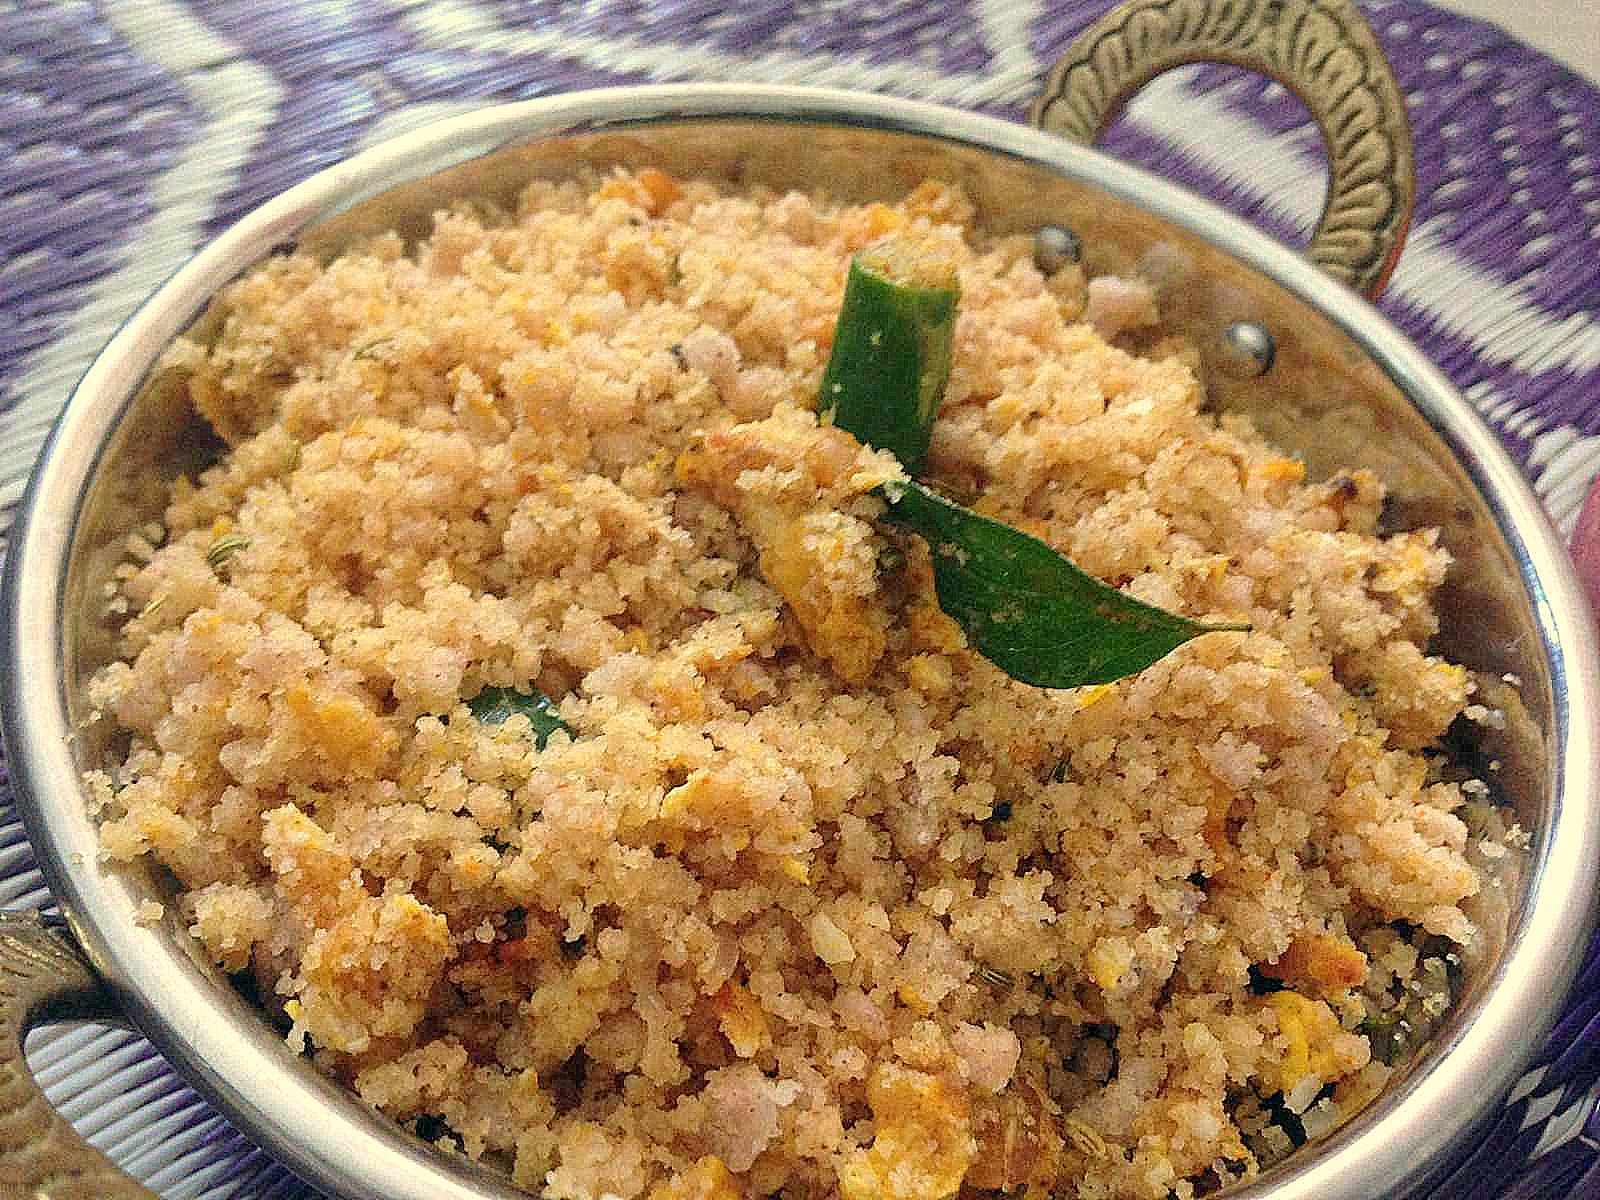 Kerala style puttu upma recipe with scrambled eggs by archanas kitchen kerala style puttu upma recipe with scrambled eggs forumfinder Images